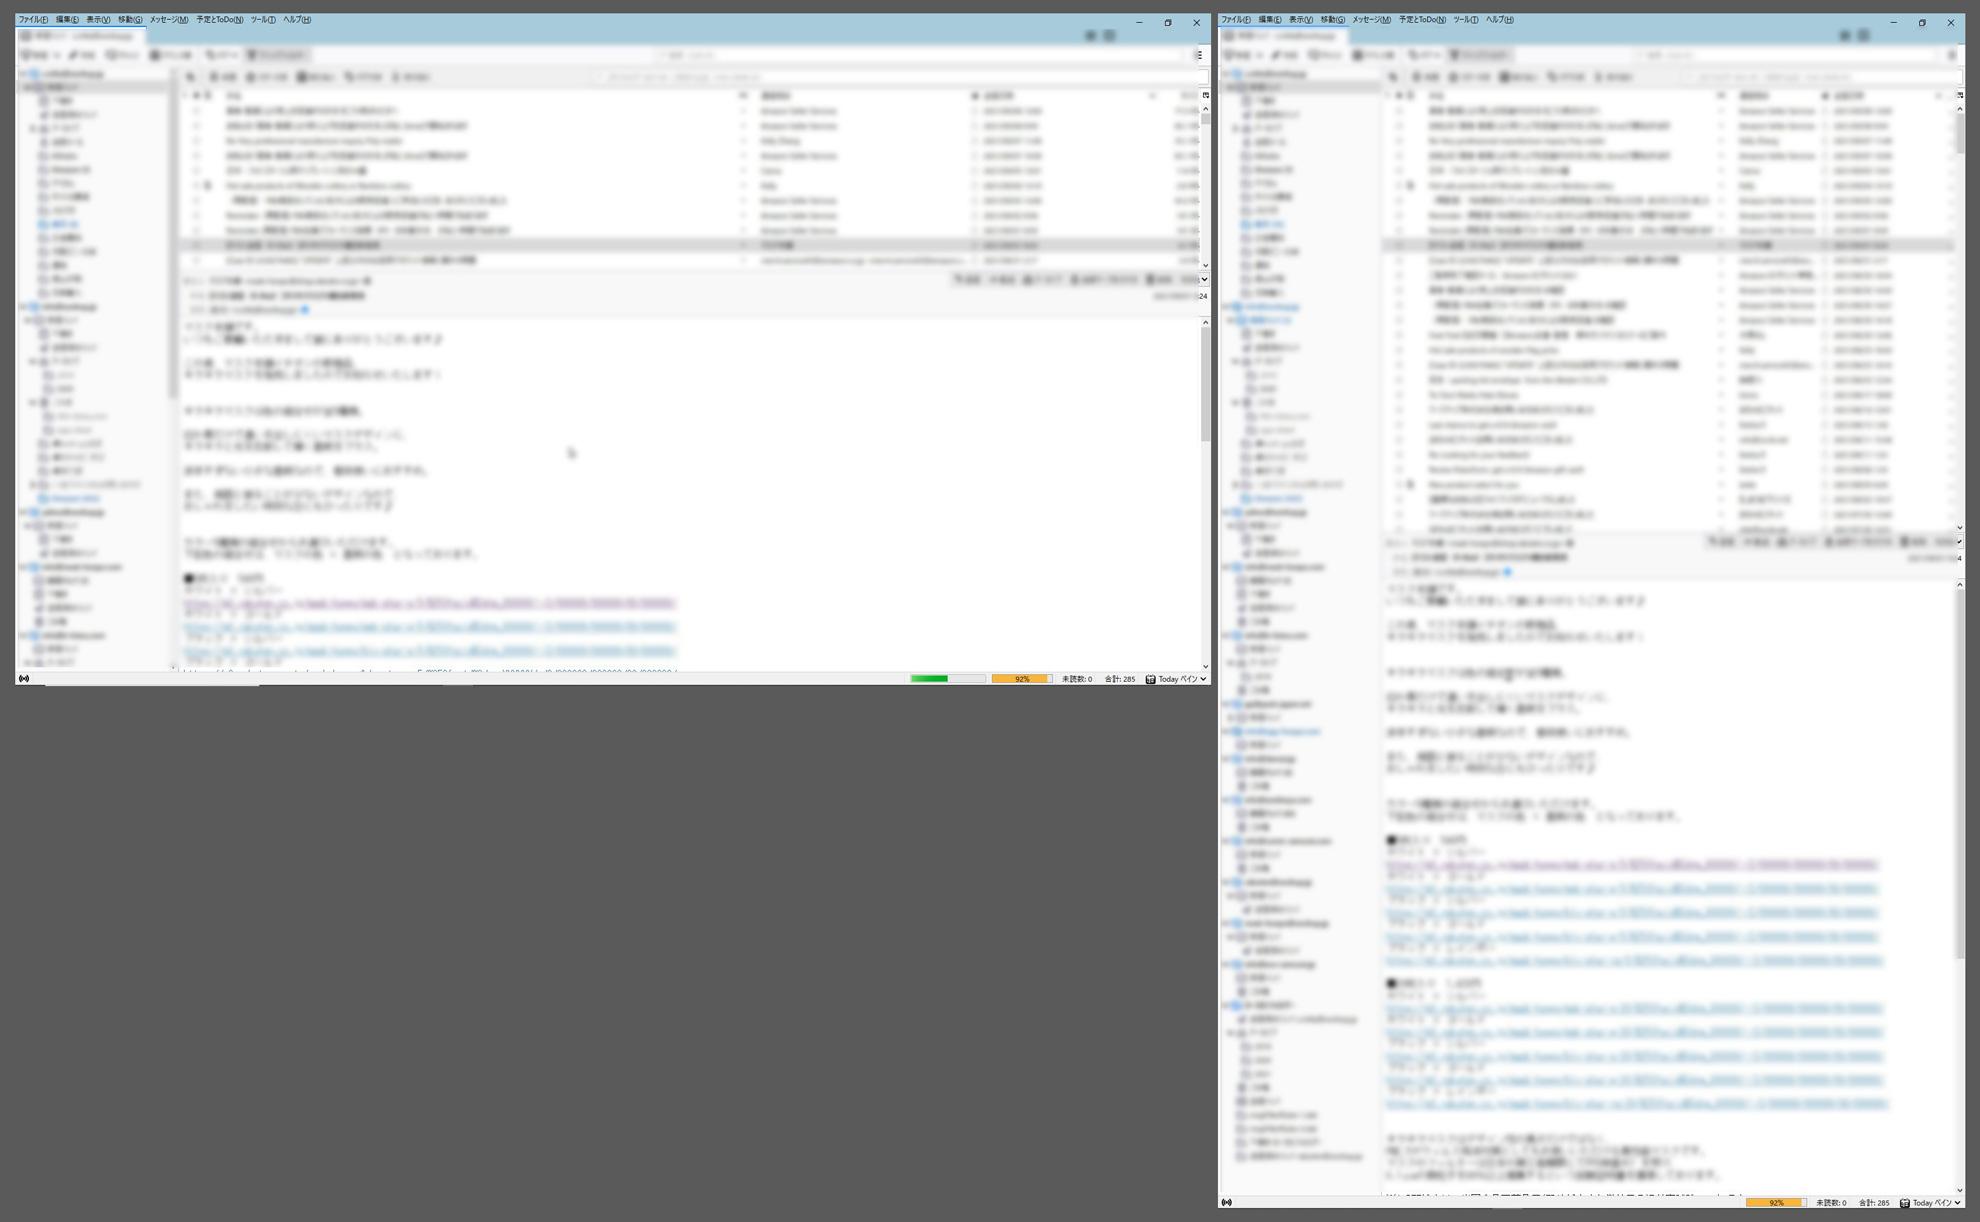 縦向きと横向き画面のサンダーバードのメールソフト見え方比較